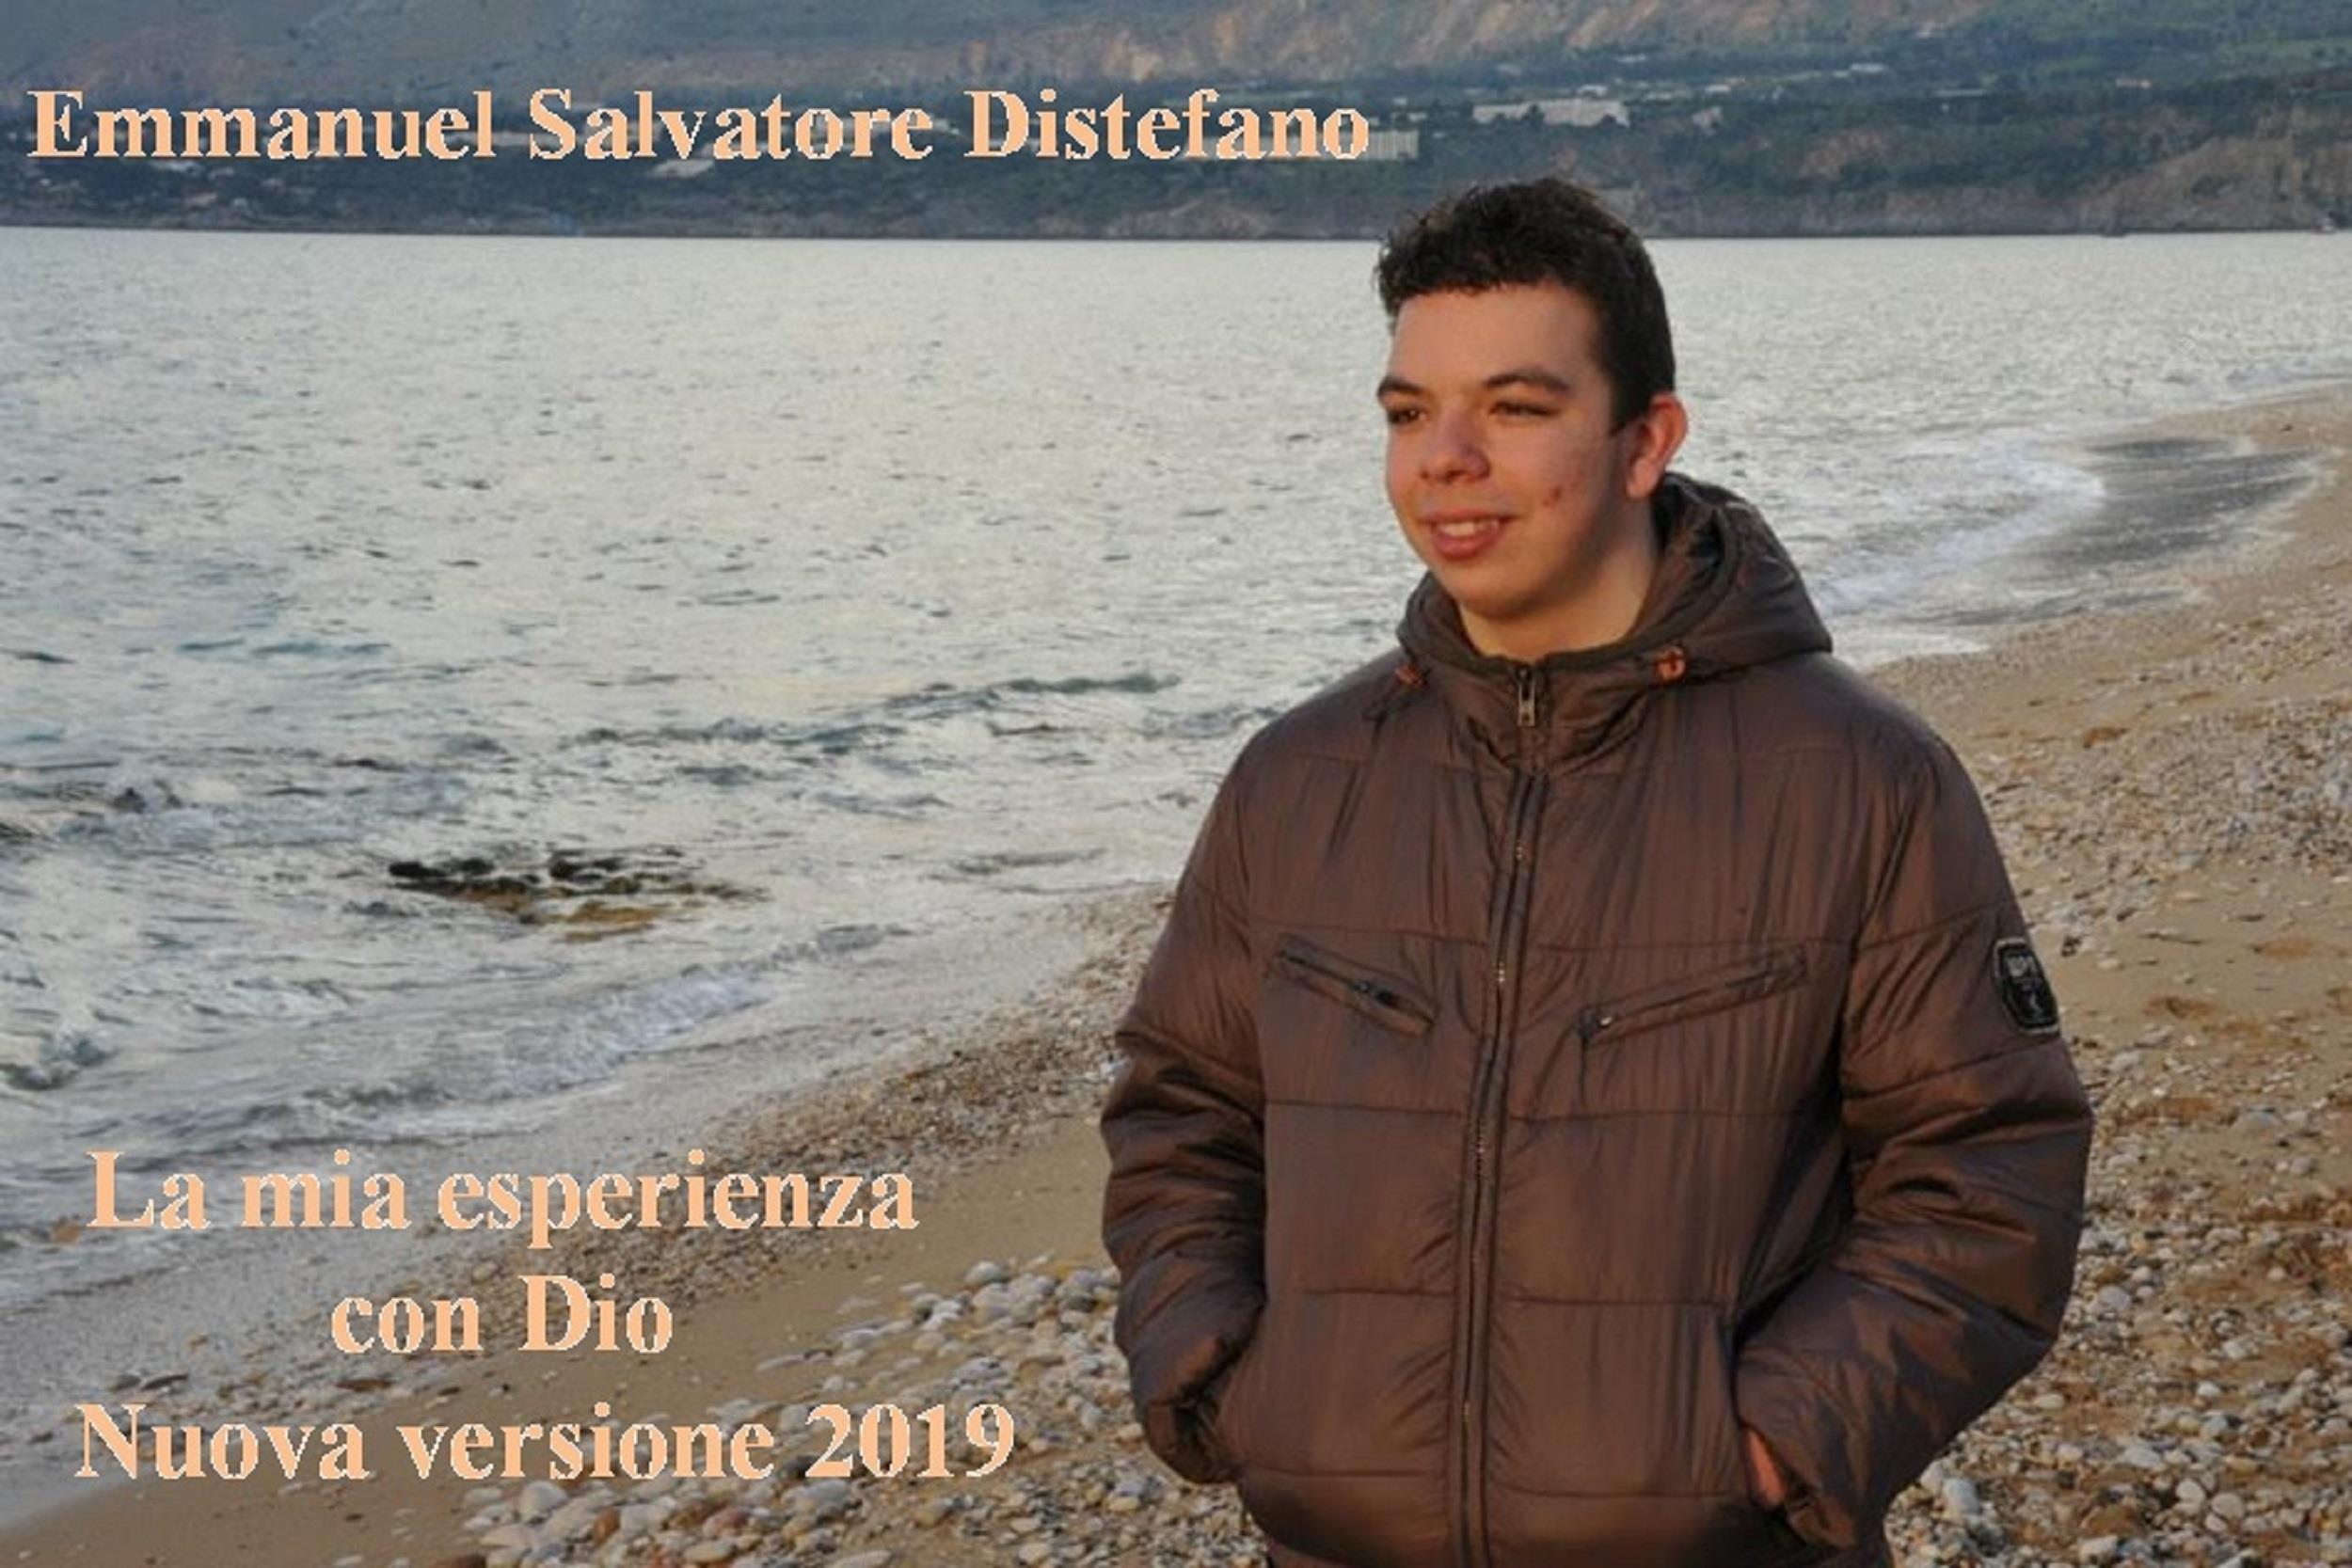 La mia esperienza con Dio